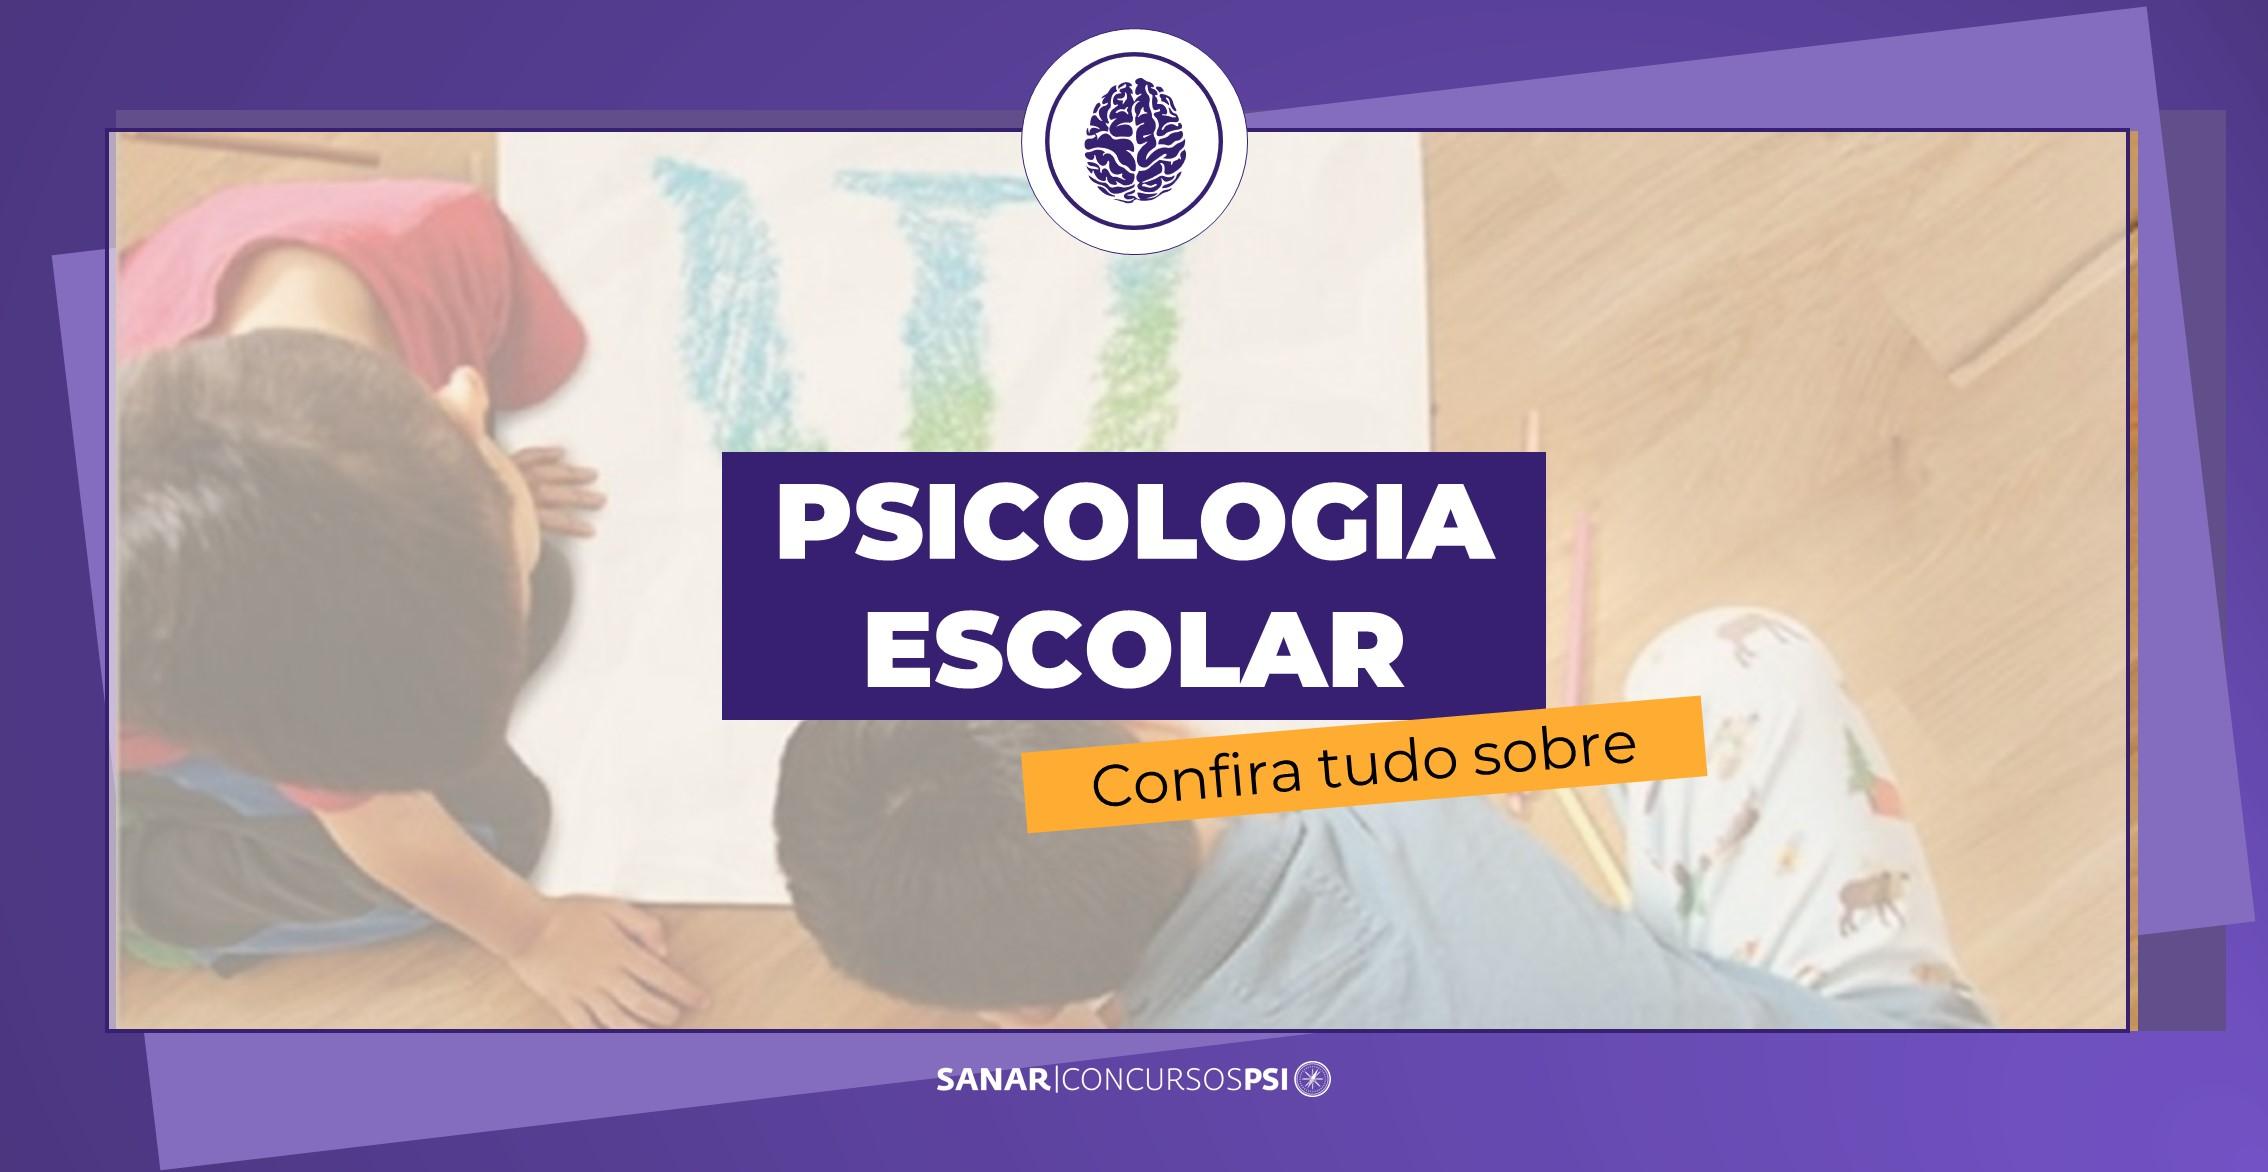 Psicologia Escolar: o que é, o que faz e onde atuar